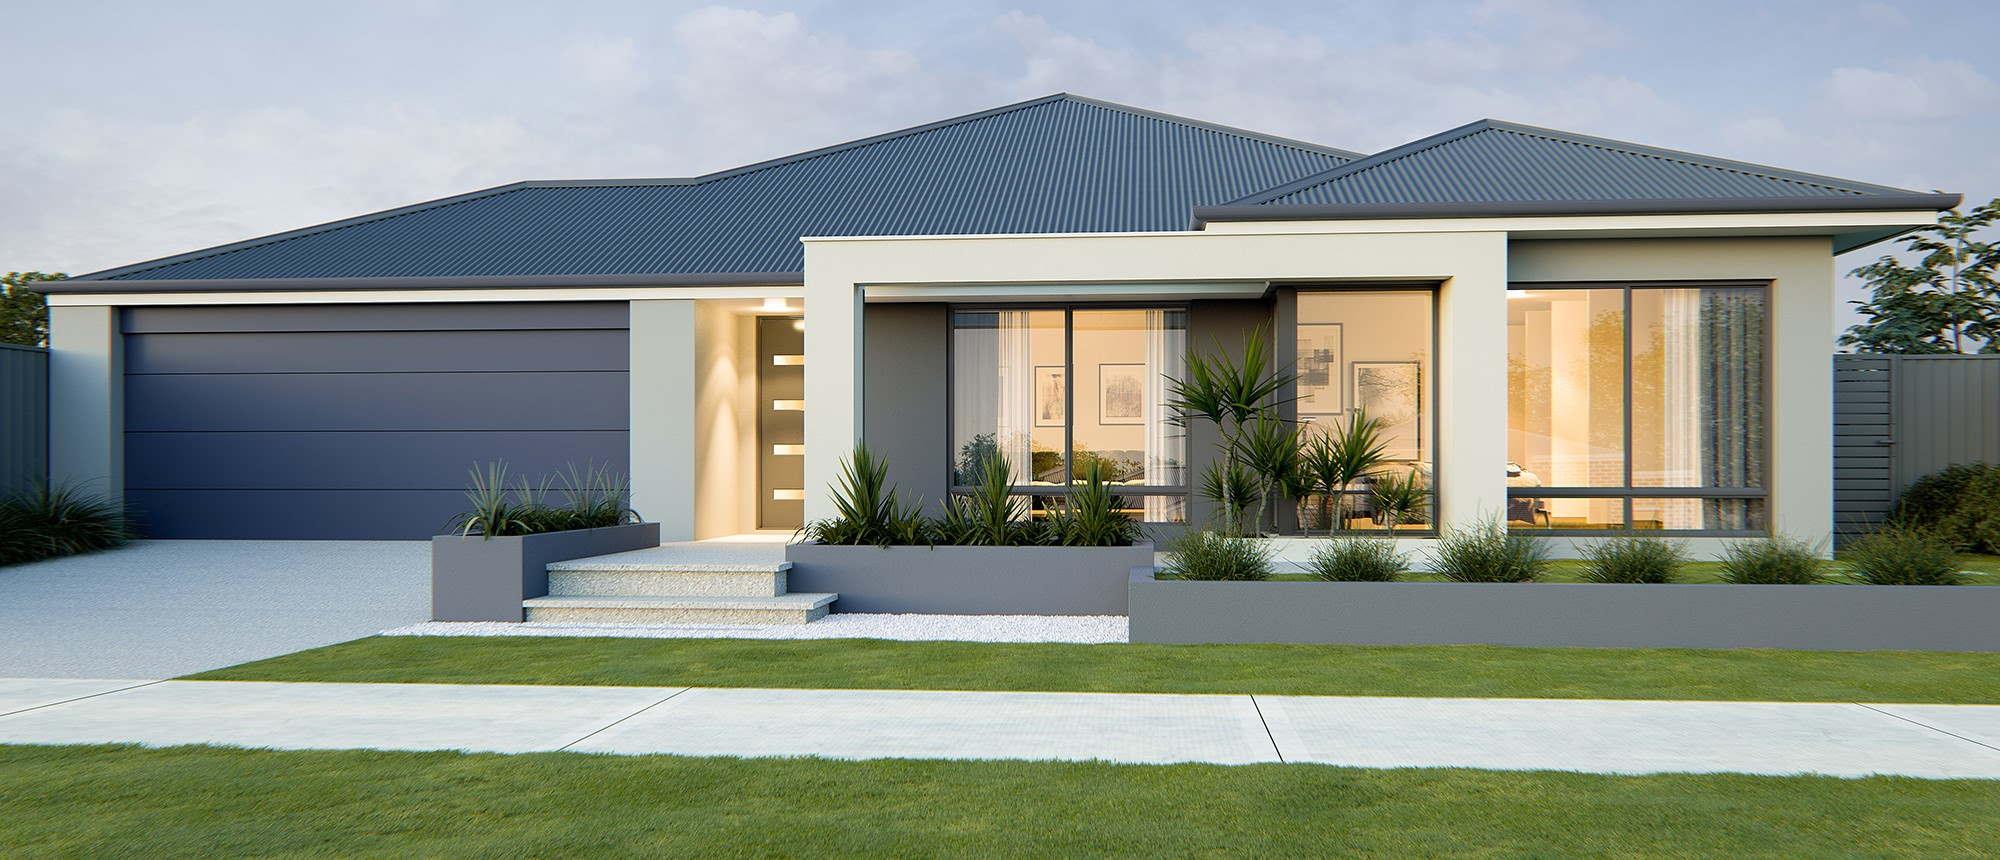 vasse-house-and-land-package-celebration-homes-denver-2000x860